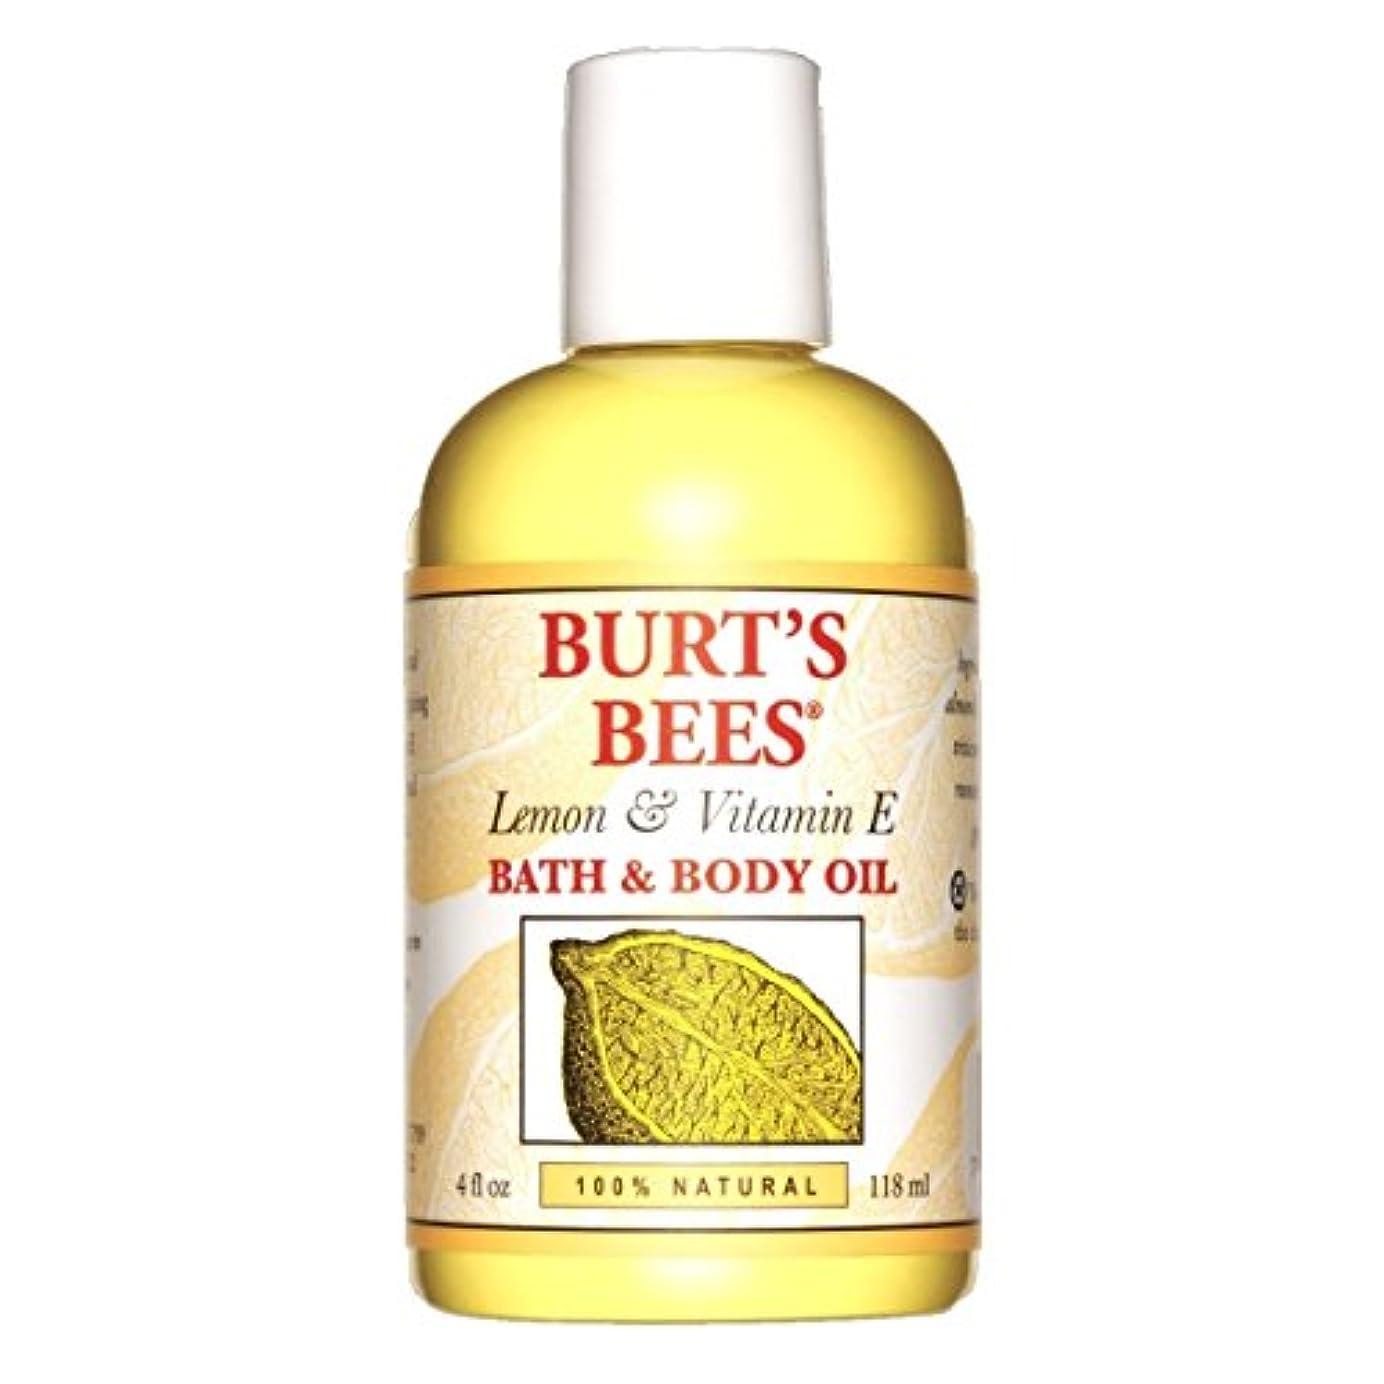 しおれた経済精度バーツビーズ(Burt's Bees) レモン&ビタミンE バスアンドボディオイル 118ml [海外直送品][並行輸入品]